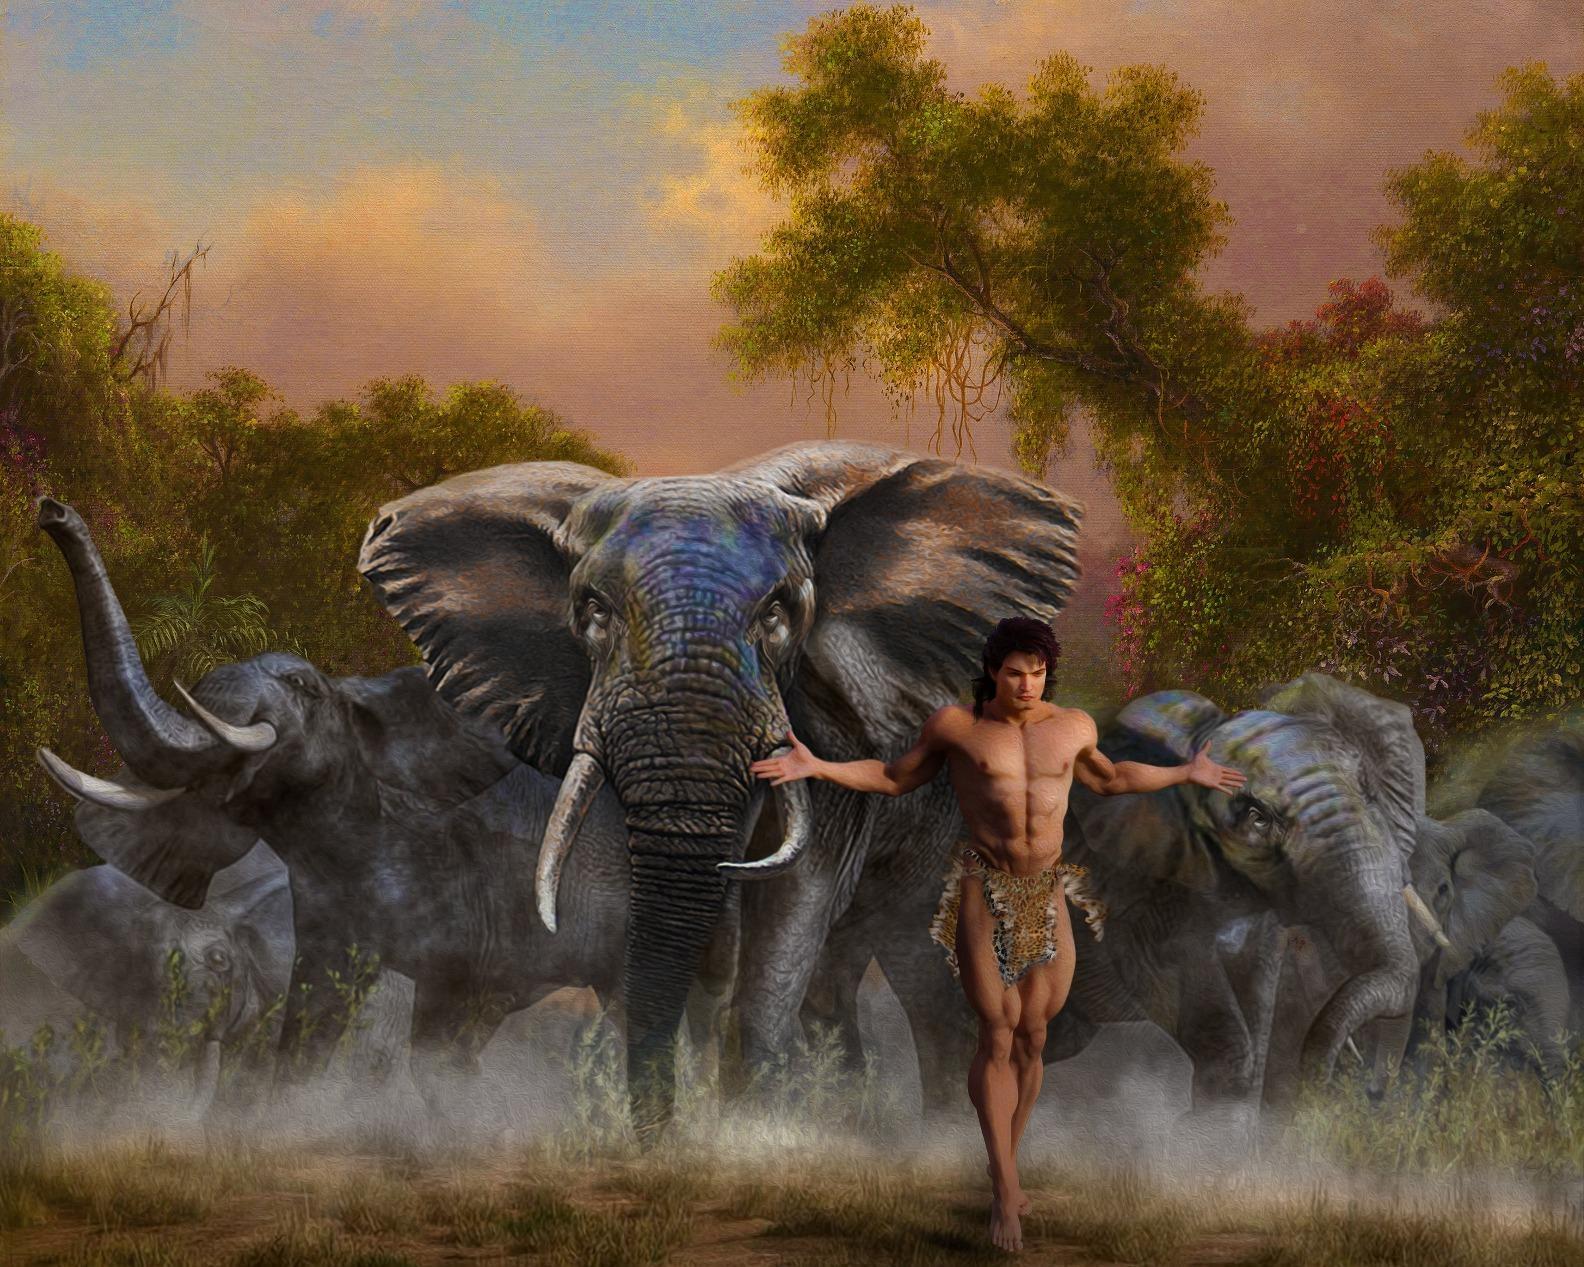 Chiny: stado dzikich słoni ruszyło w podróż życia, idą już 500 km i chyba im się podoba